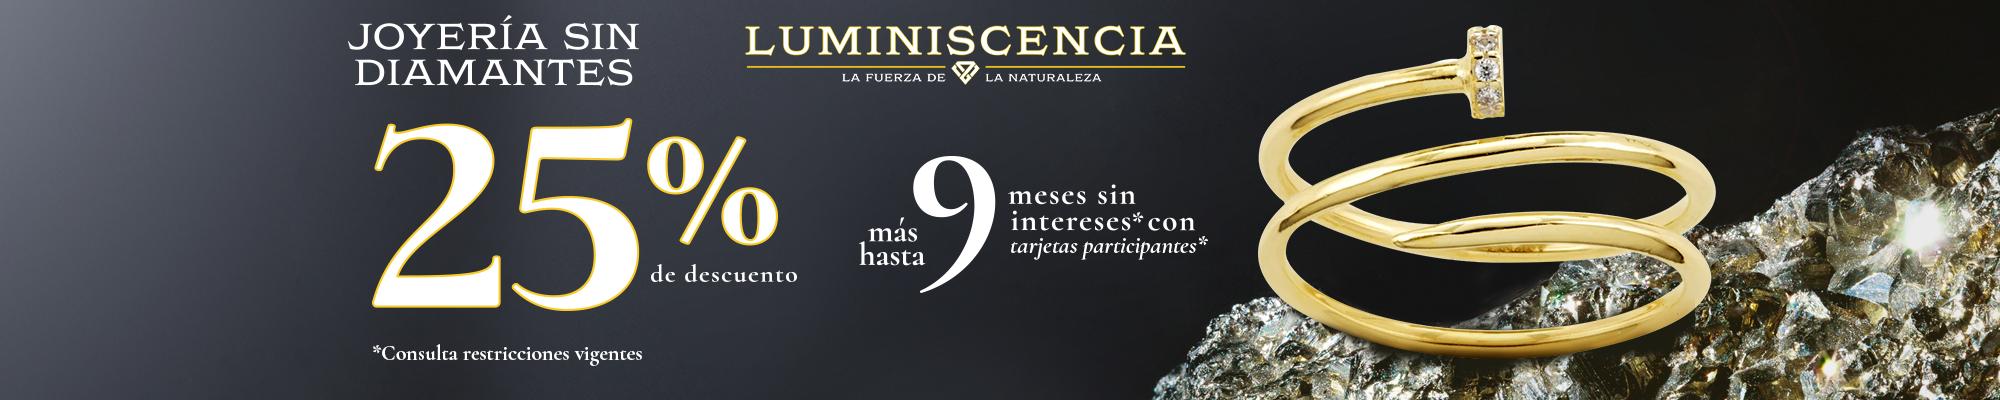 JOYERÍA SIN DIAMANTES: 25% DE DESCUENTO + HASTA 9 MESES SIN INTERESES